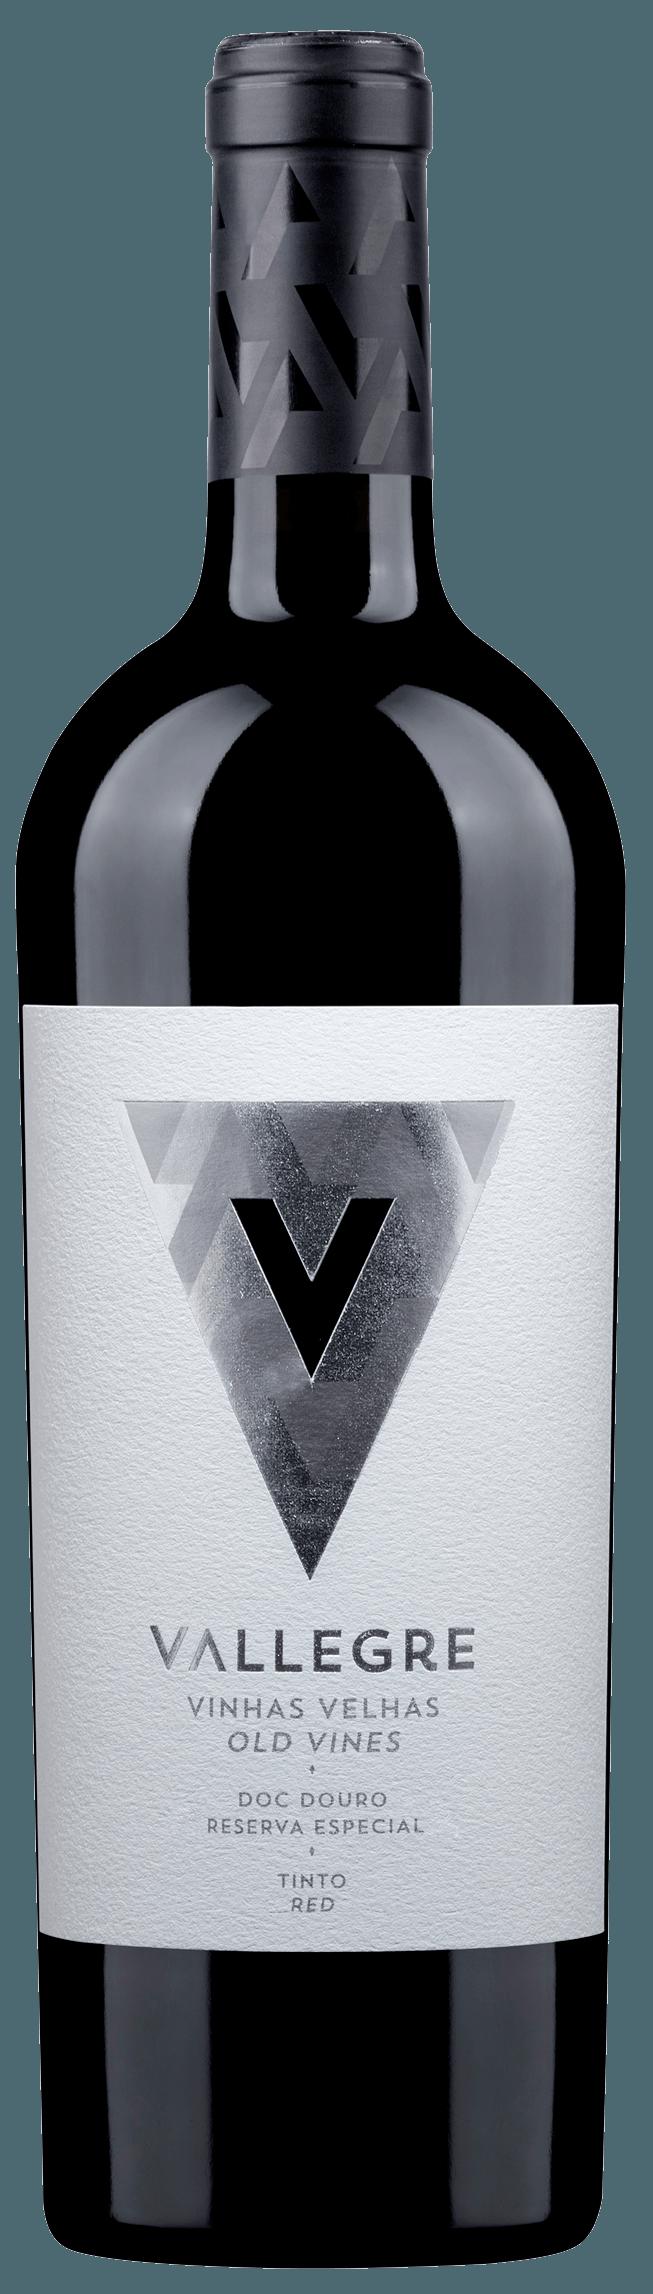 Image 0: Vallegre Old Vines Reserva Especial